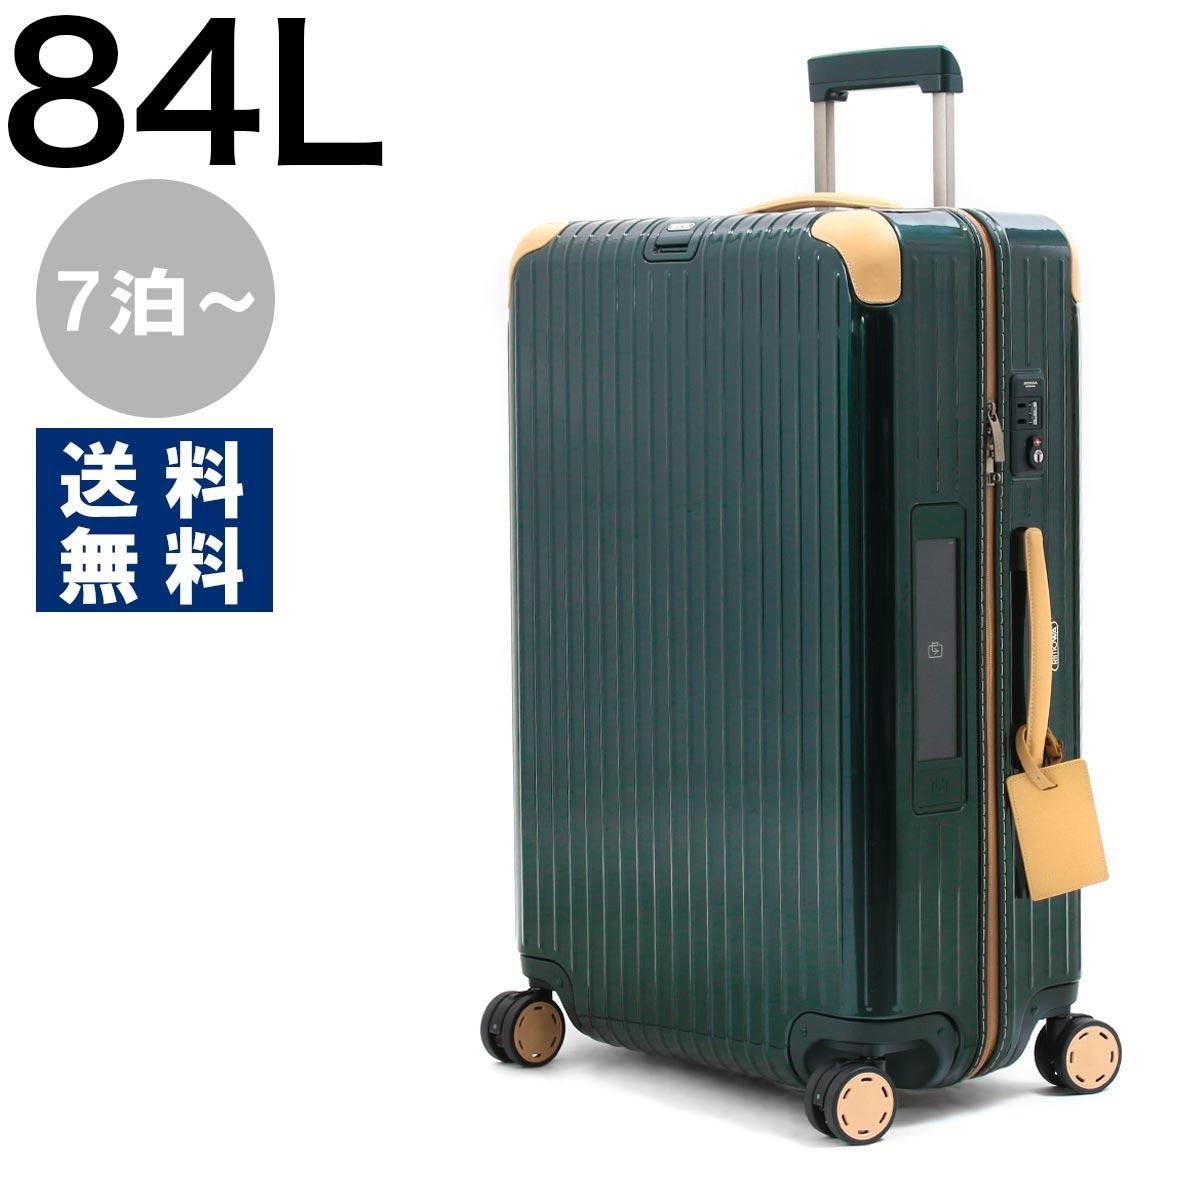 リモワ スーツケース/旅行用バッグ バッグ メンズ レディース ボサノバ 84L 7泊~ ELECTRONIC TAG ジェットグリーン&ナチュラルベージュ 870.73.41.5 RIMOWA